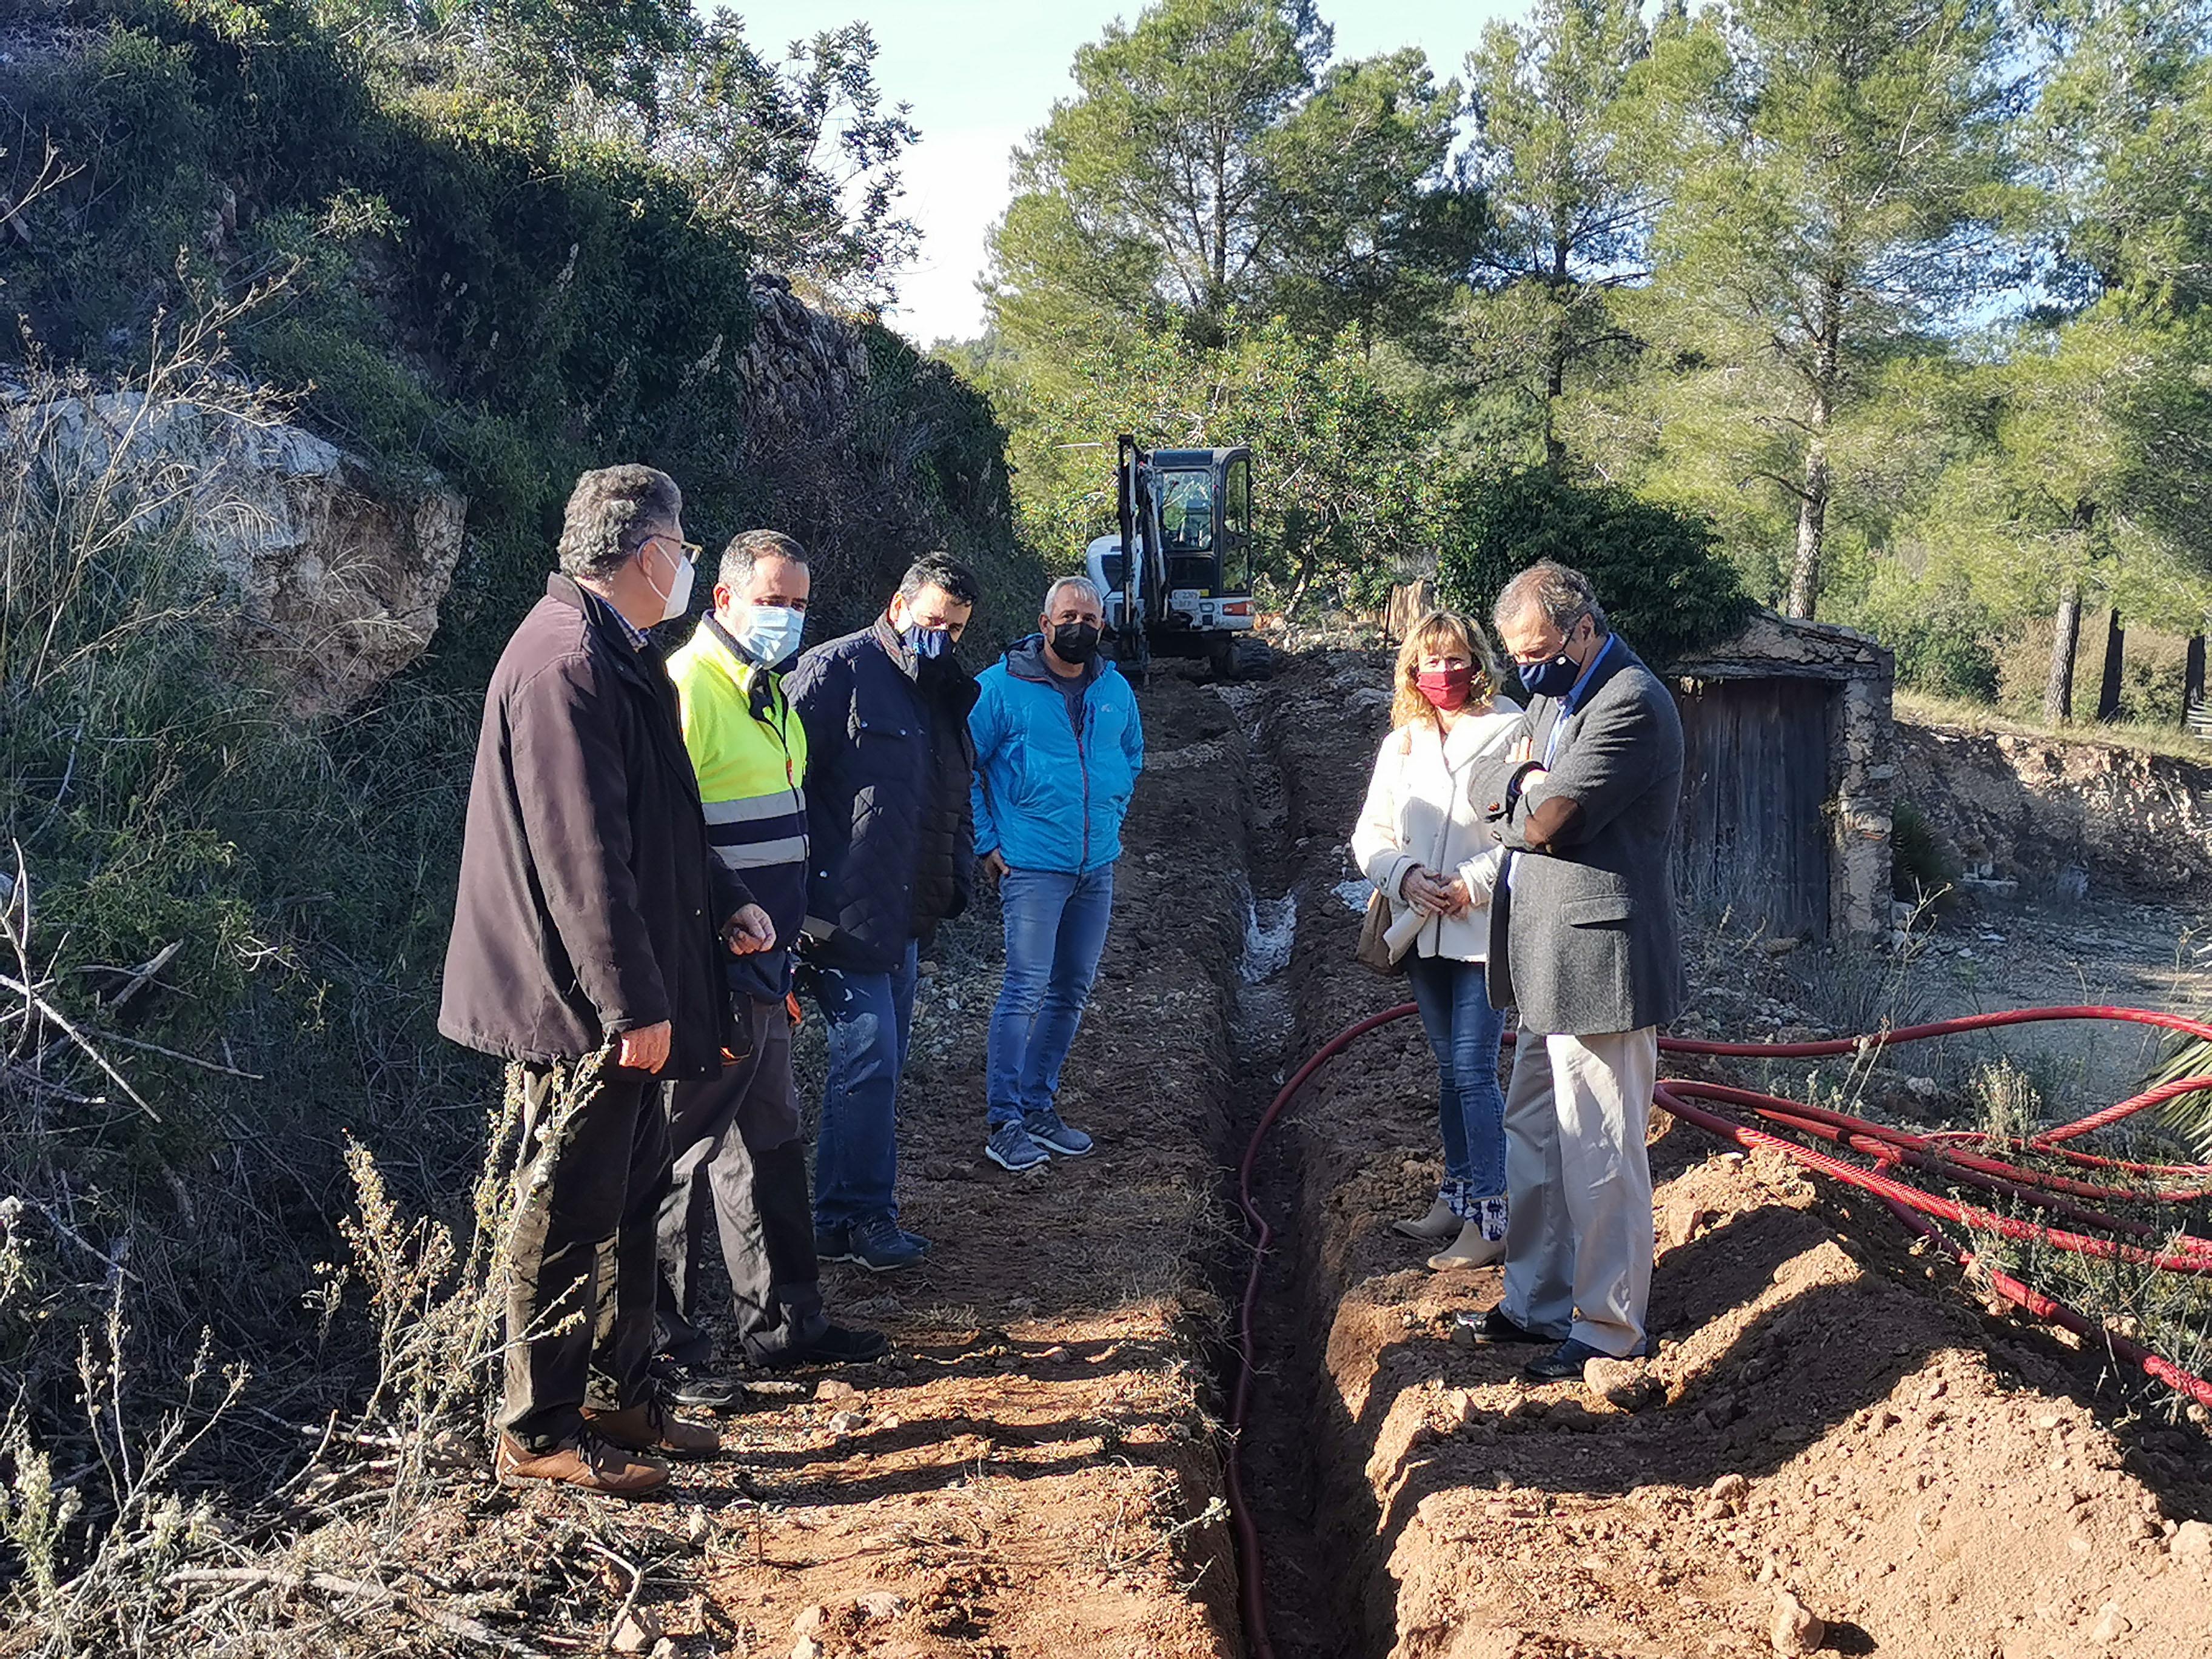 La fibra òptica s'acabarà de desplegar a tot el municipi de Vandellòs i l'Hospitalet de l'Infant l'any 2021